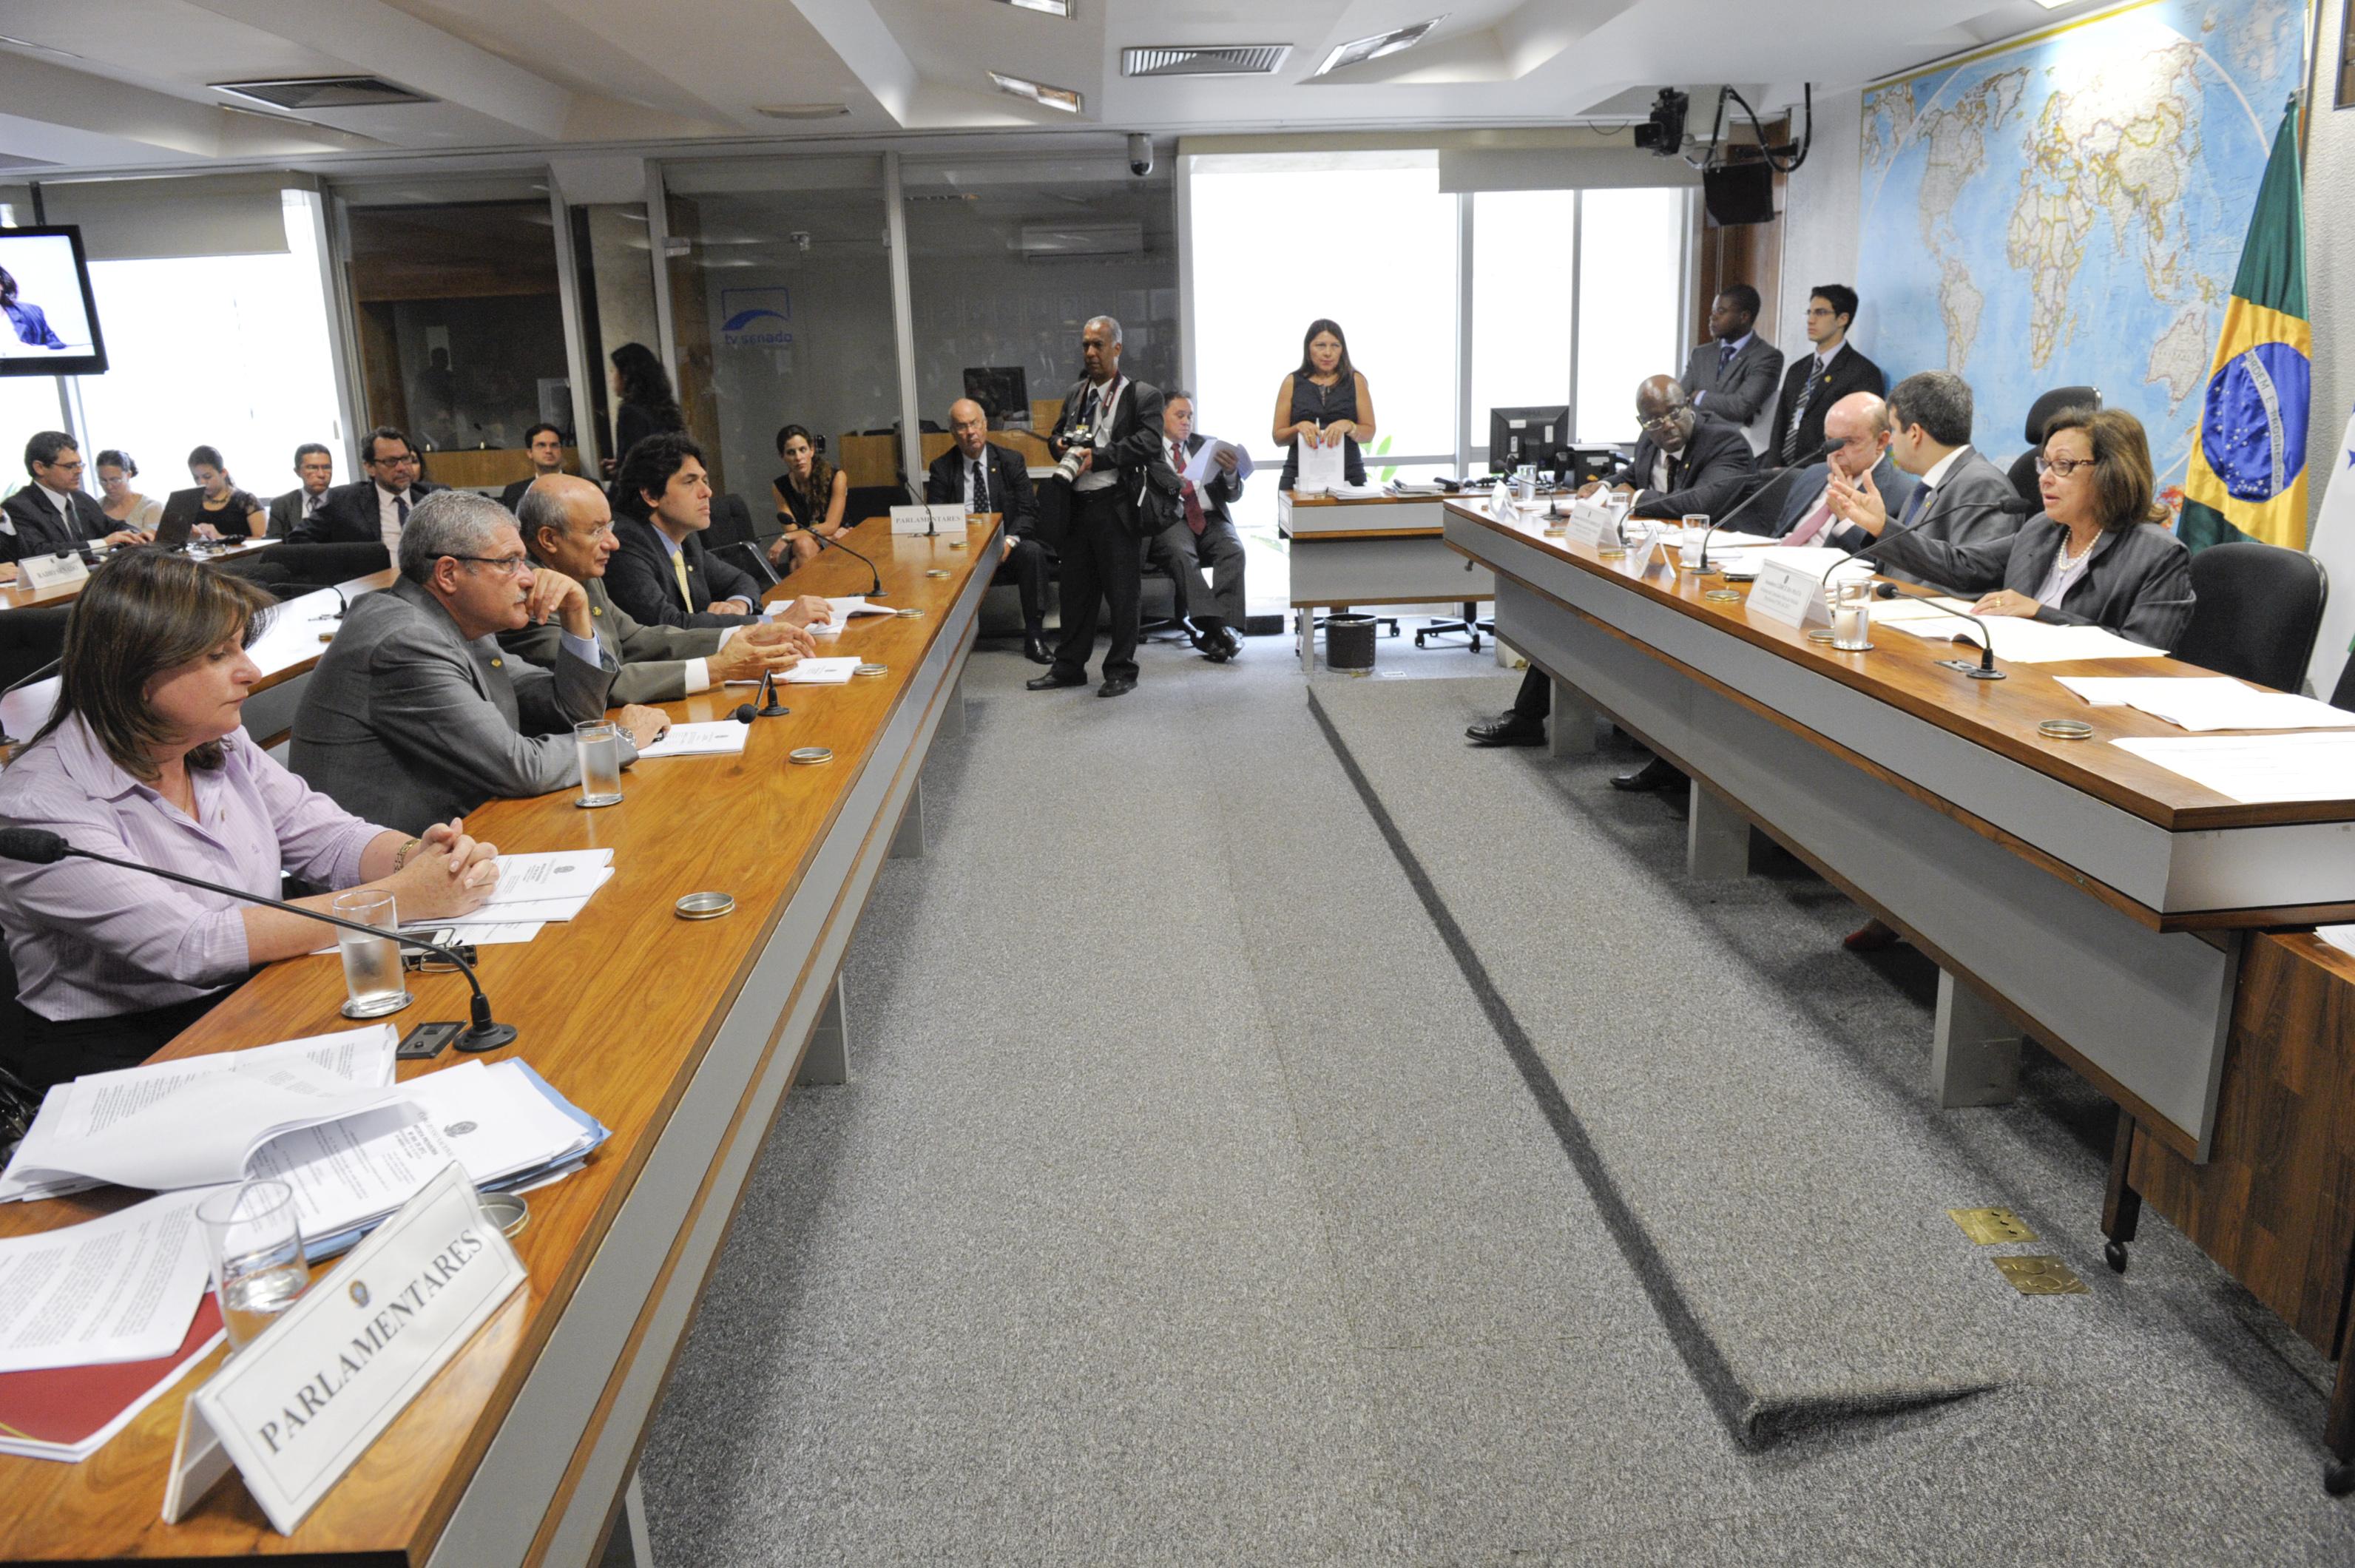 Apresentação do relatório da Comissão Mista destinada a examinar a medida provisória (MP 584/2012) que dispõe sobre medidas tributárias referentes à realização dos jogos olímpicos e paraolímpicos de 2016 no Brasil. Mesa (E/D): relator revisor